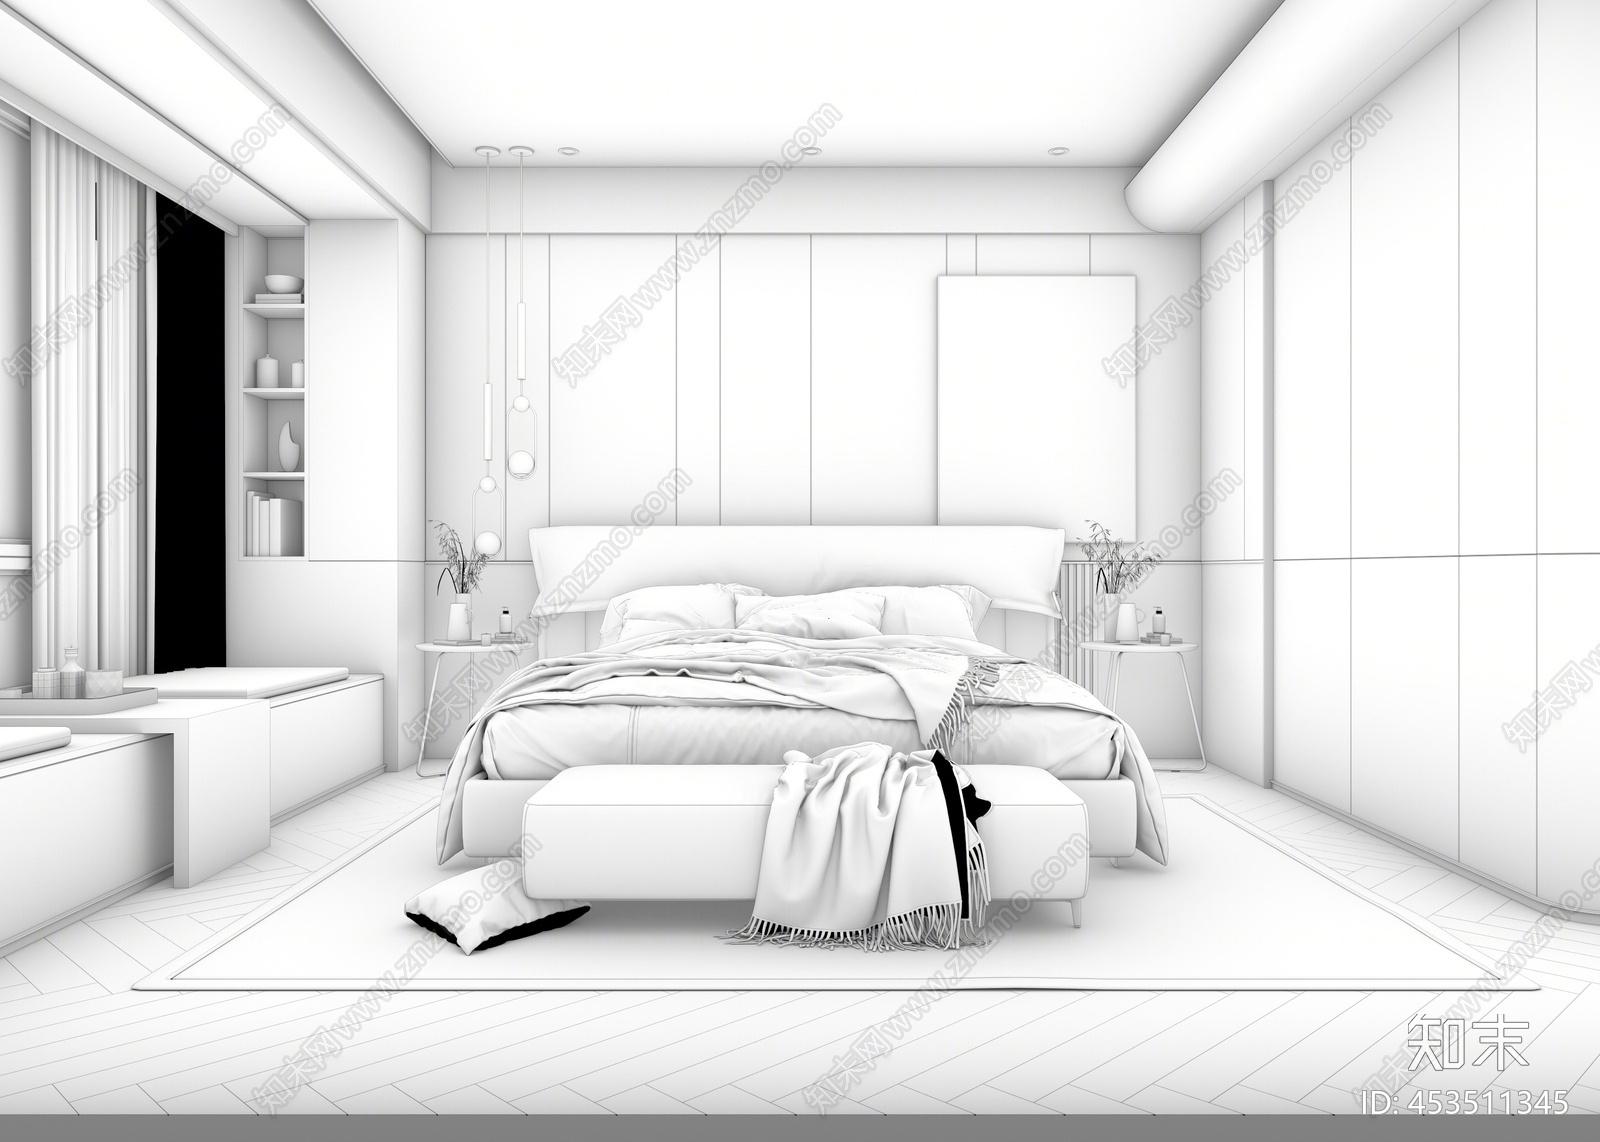 现代轻奢卧室3D模型下载【ID:453511345】